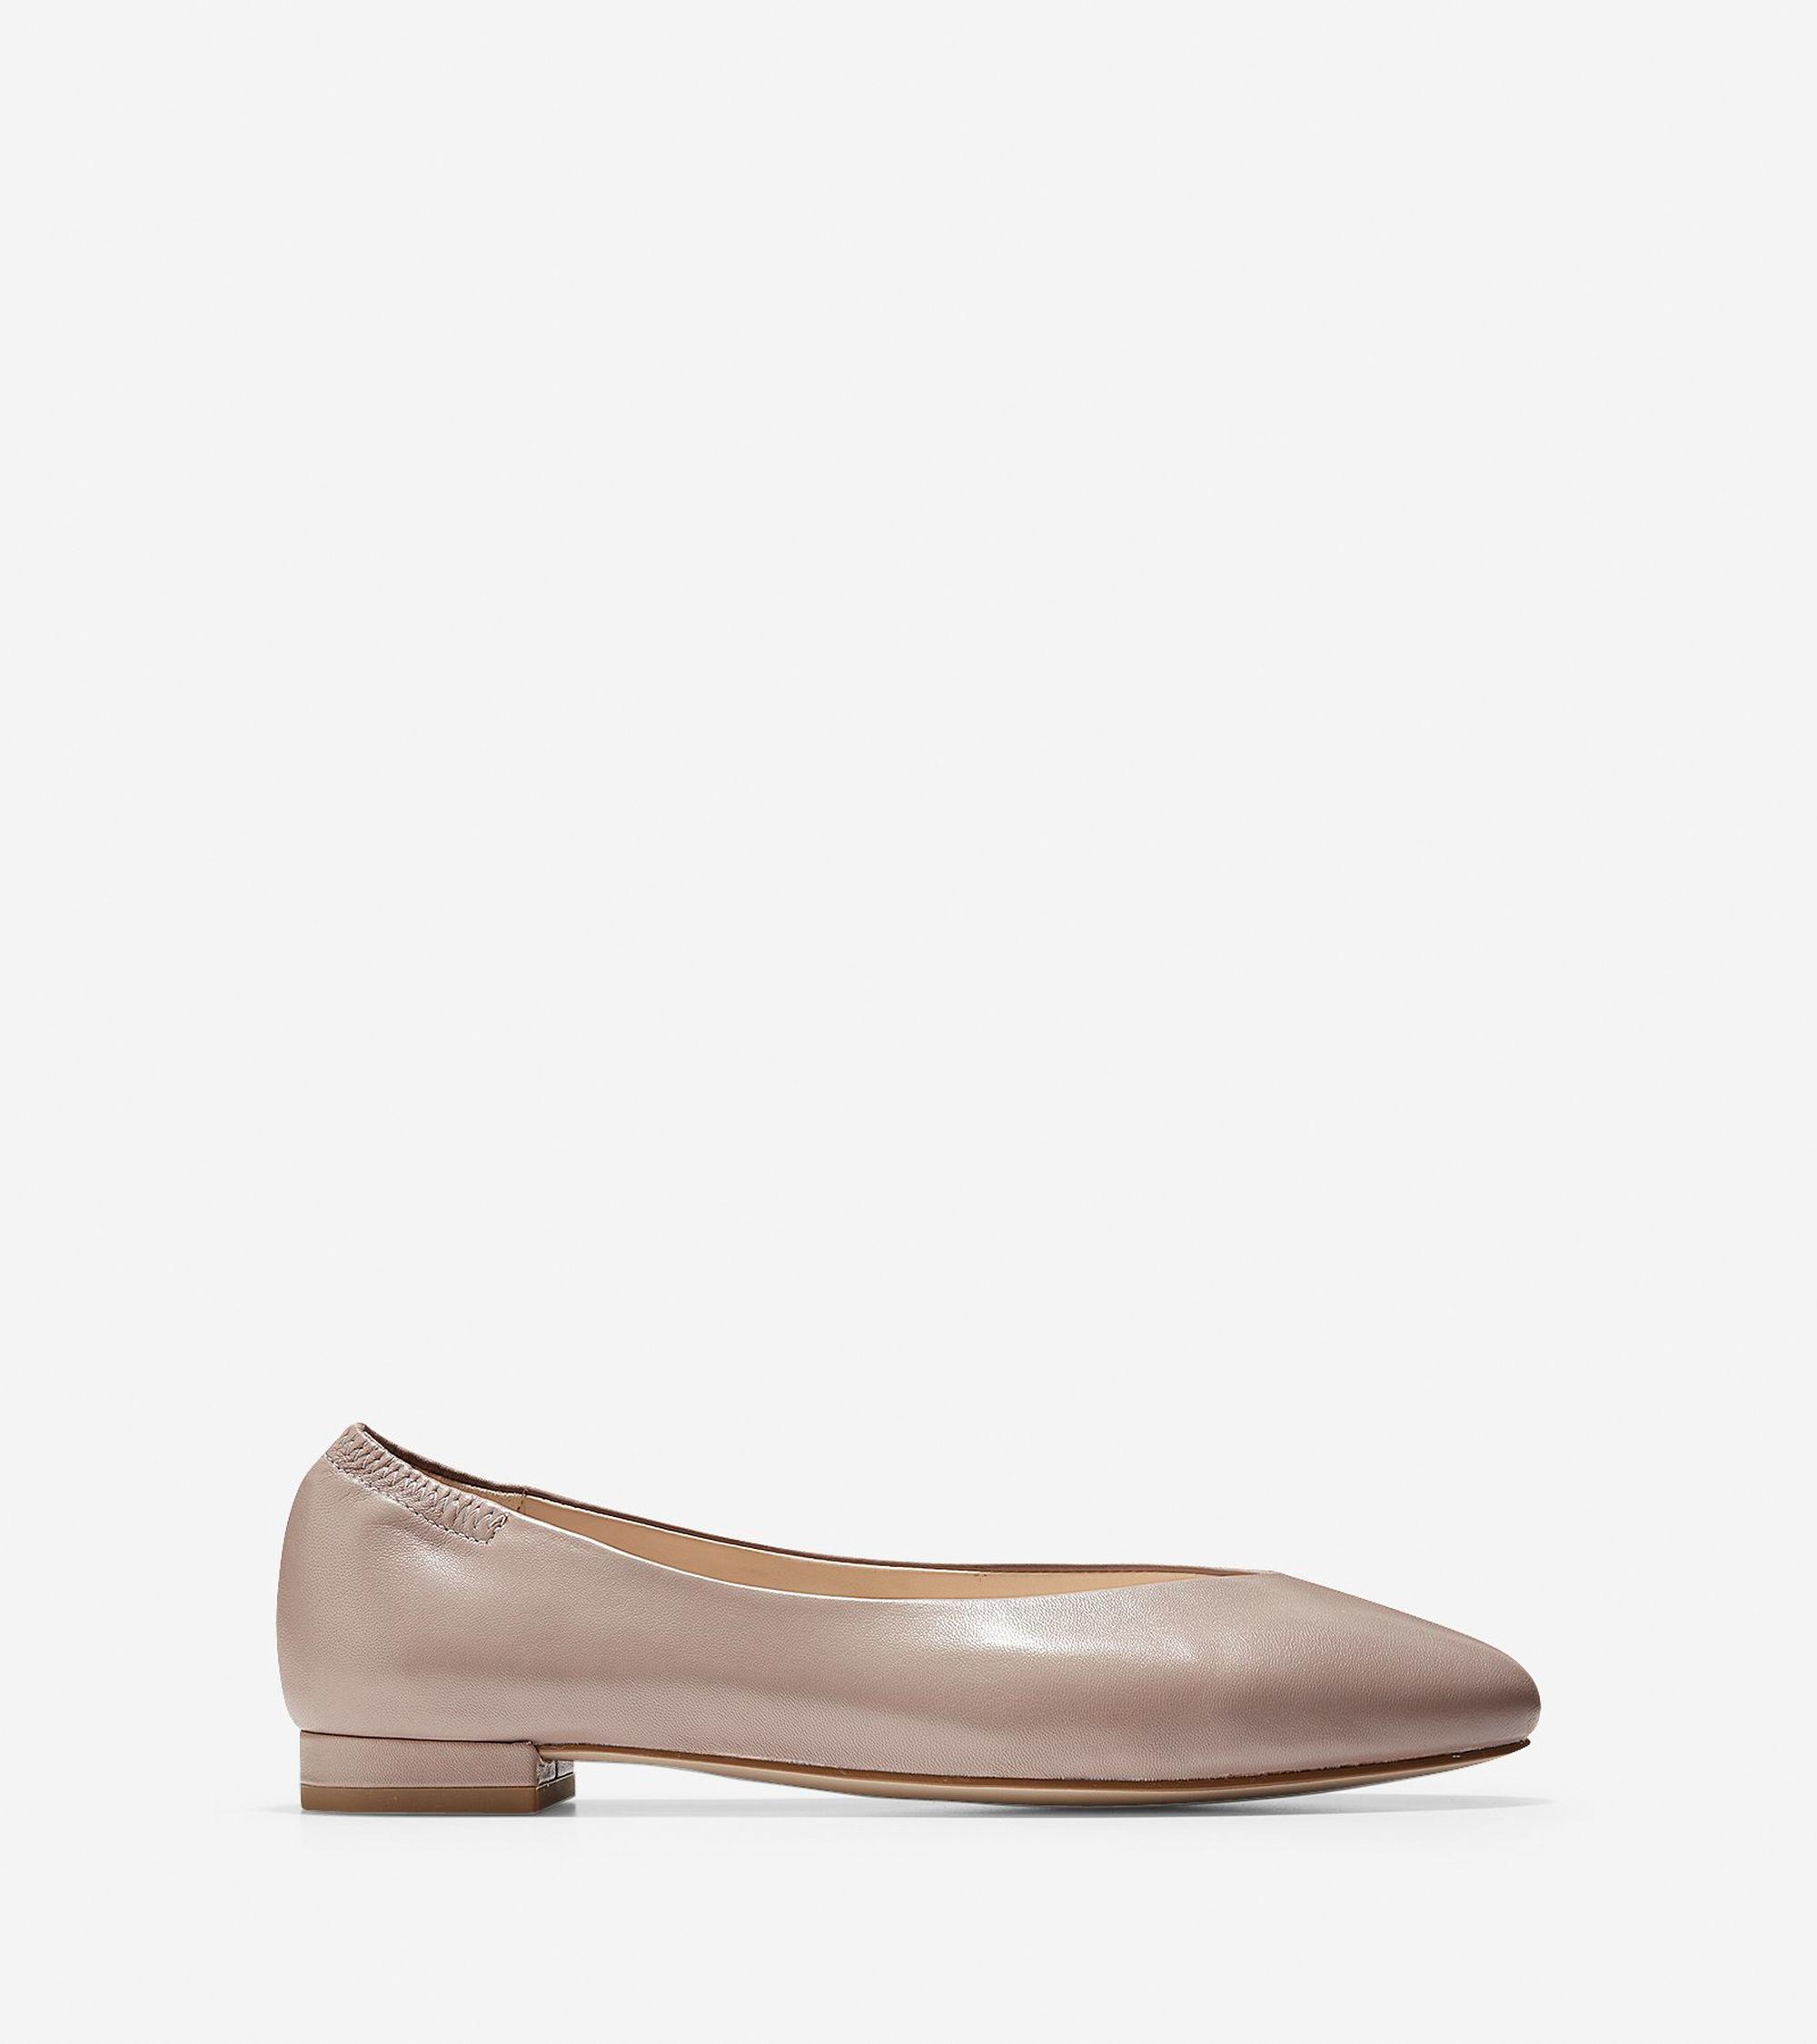 Cole Haan Womens Kaia Ballet Flat